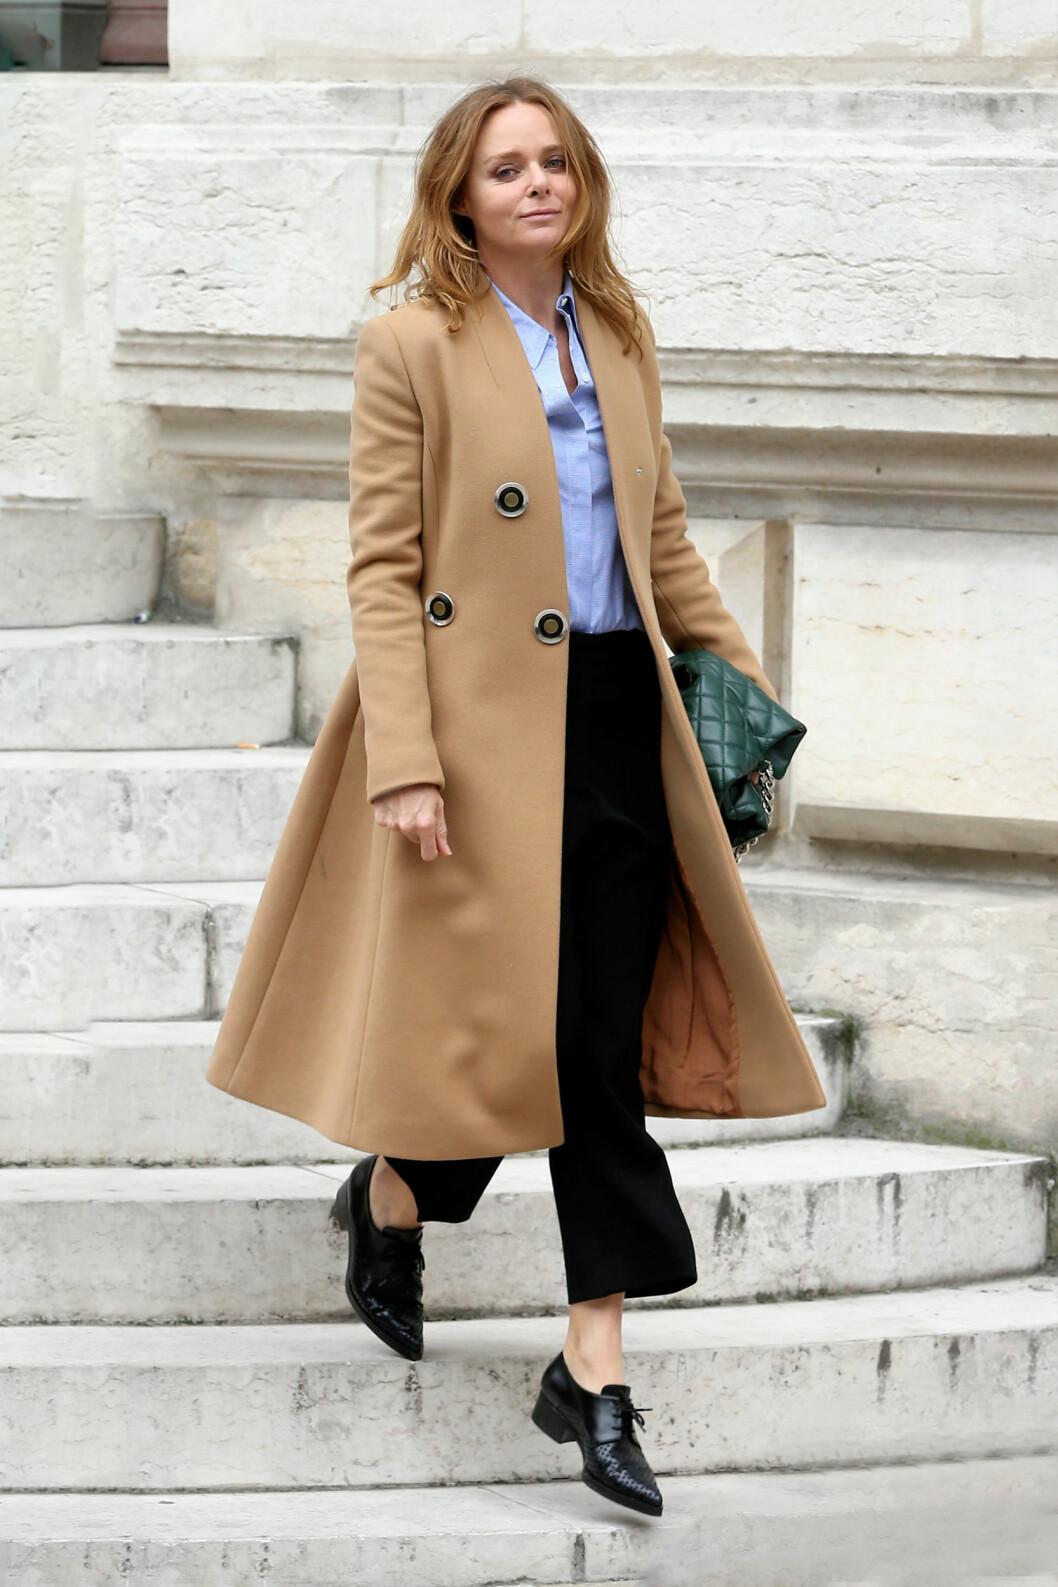 KAMELKÅPEN: Designeren bak sitt eget merke, Stella McCartney, henger med på trendene og kombinerer den lekre kampelkåpen på en superkul måte! Foto: Splash News